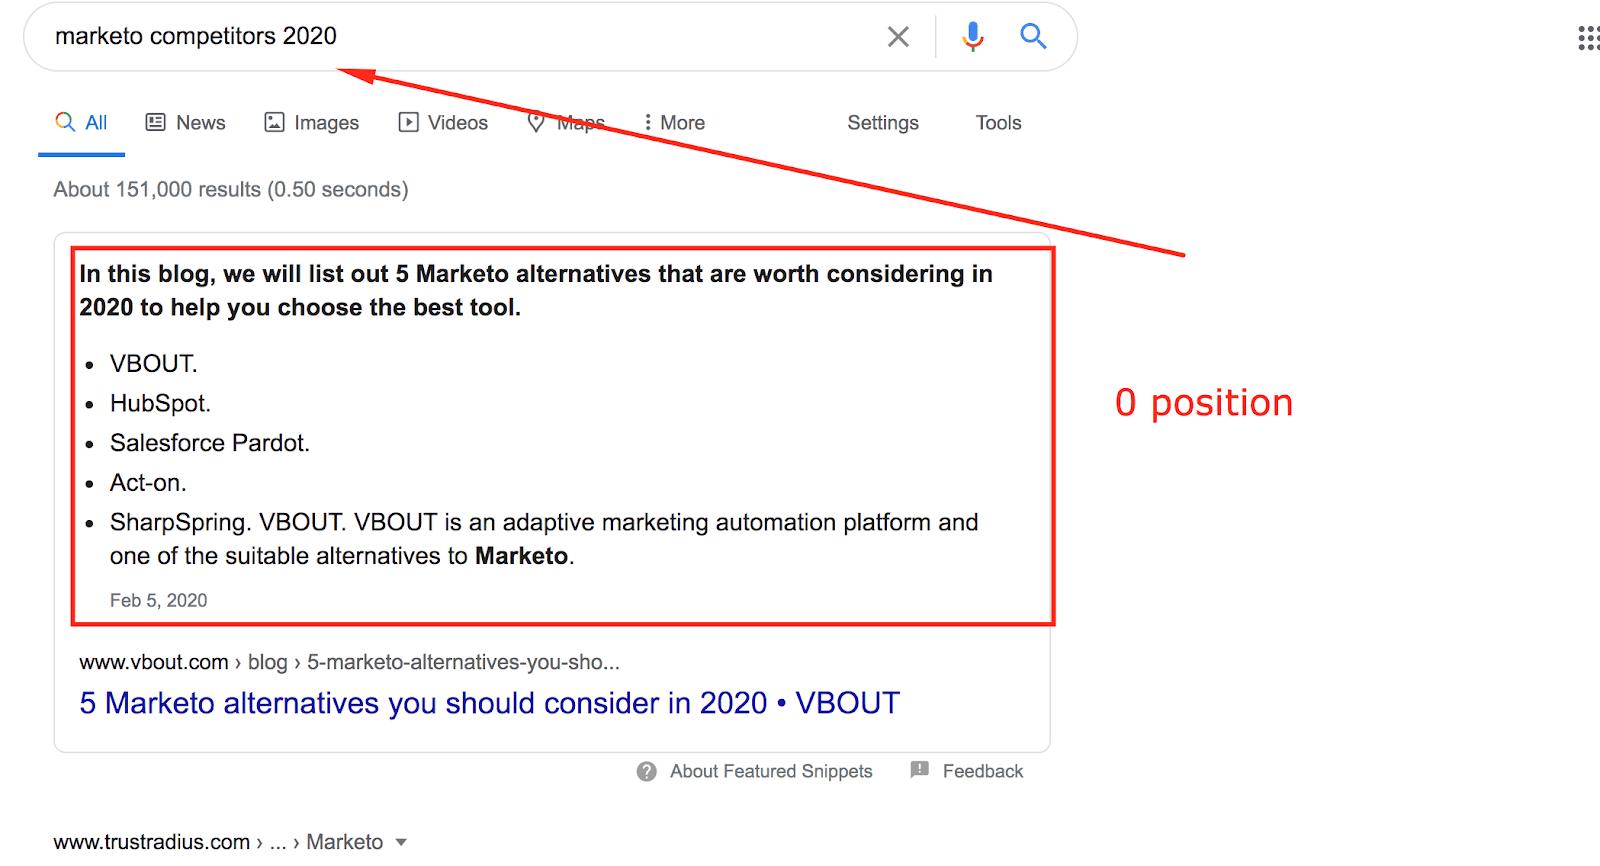 Zero search result in Google search